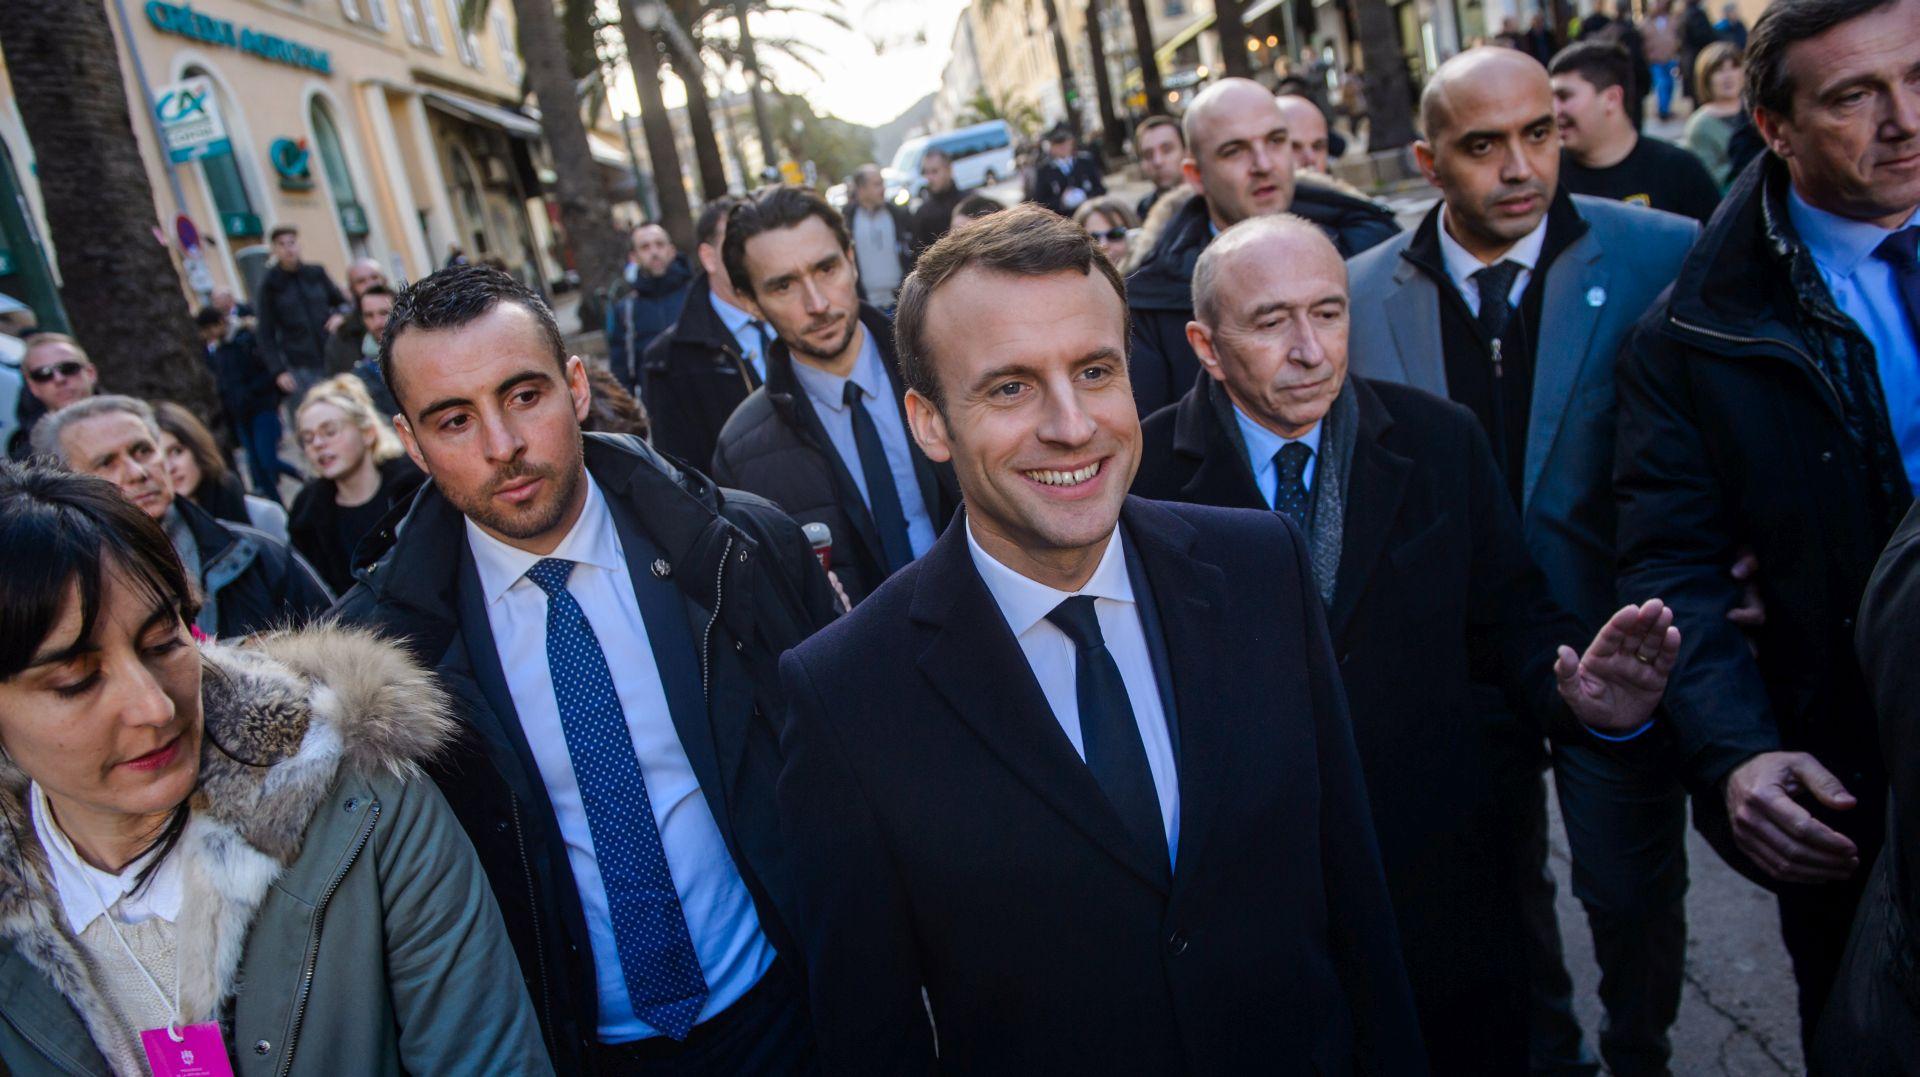 Macron prvi put u posjetu Korzici